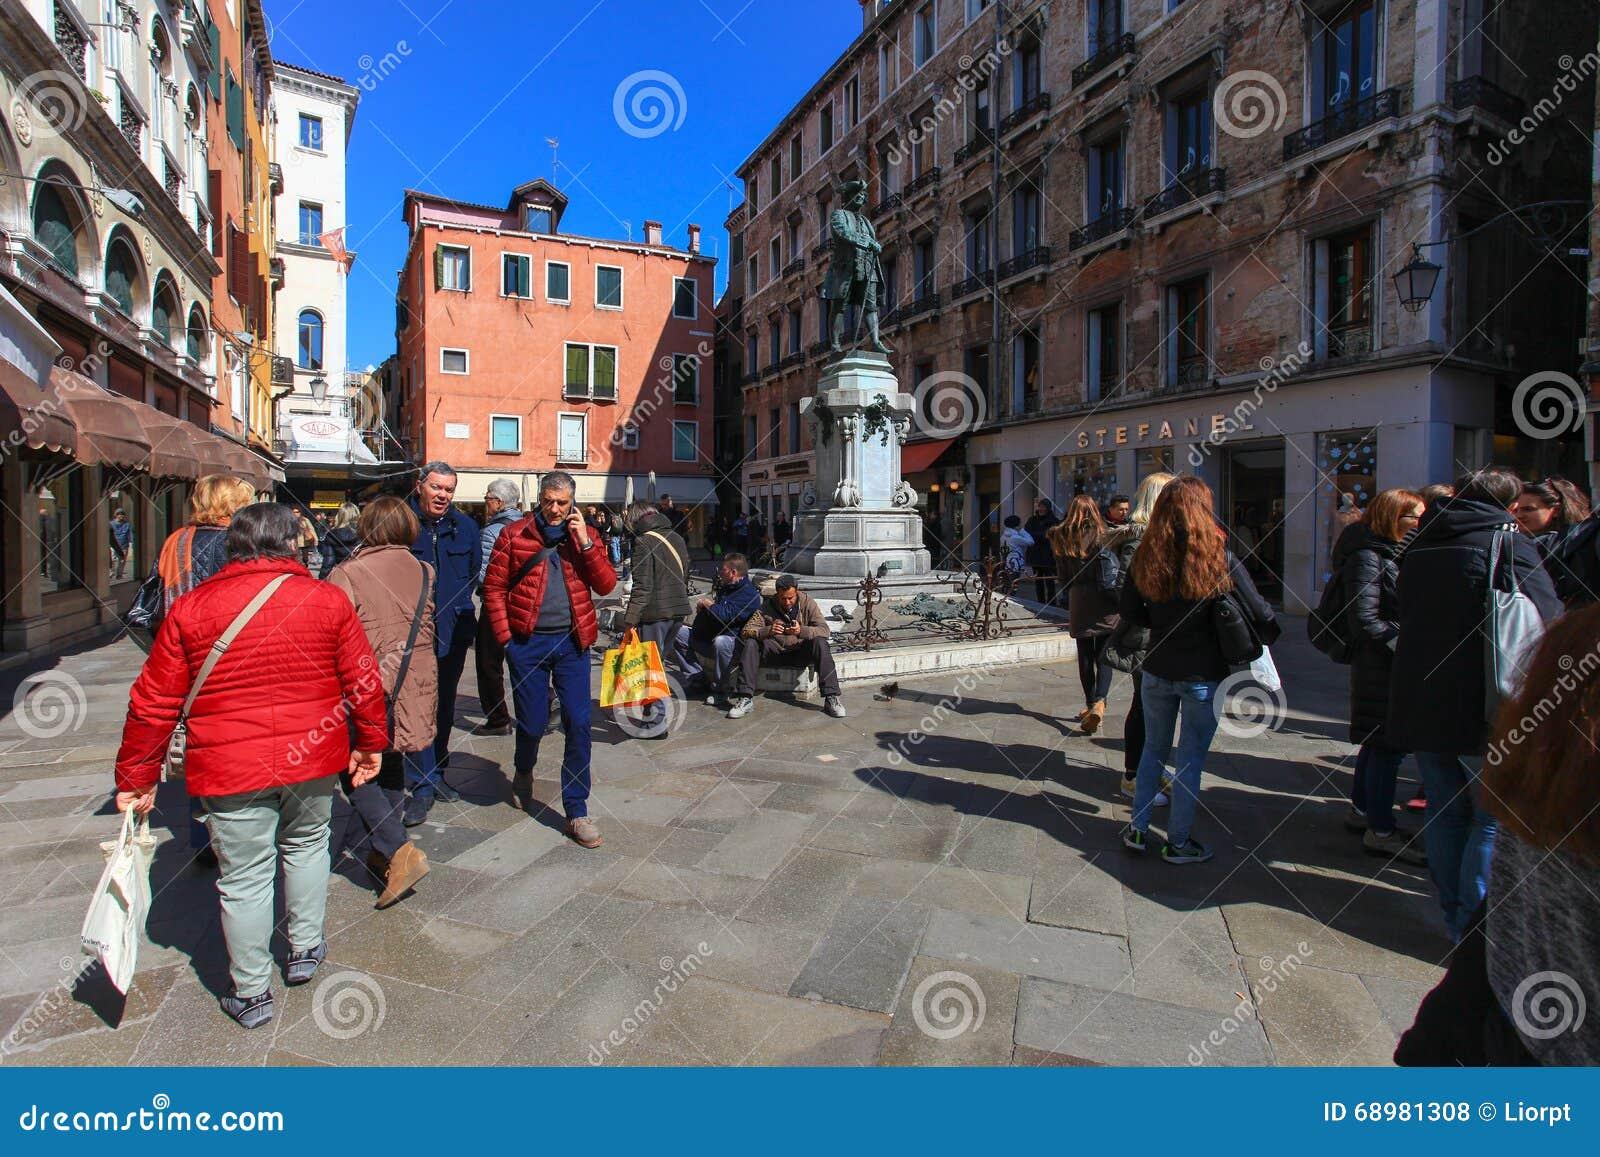 Plaza o Campo típica en el corazón de Venecia